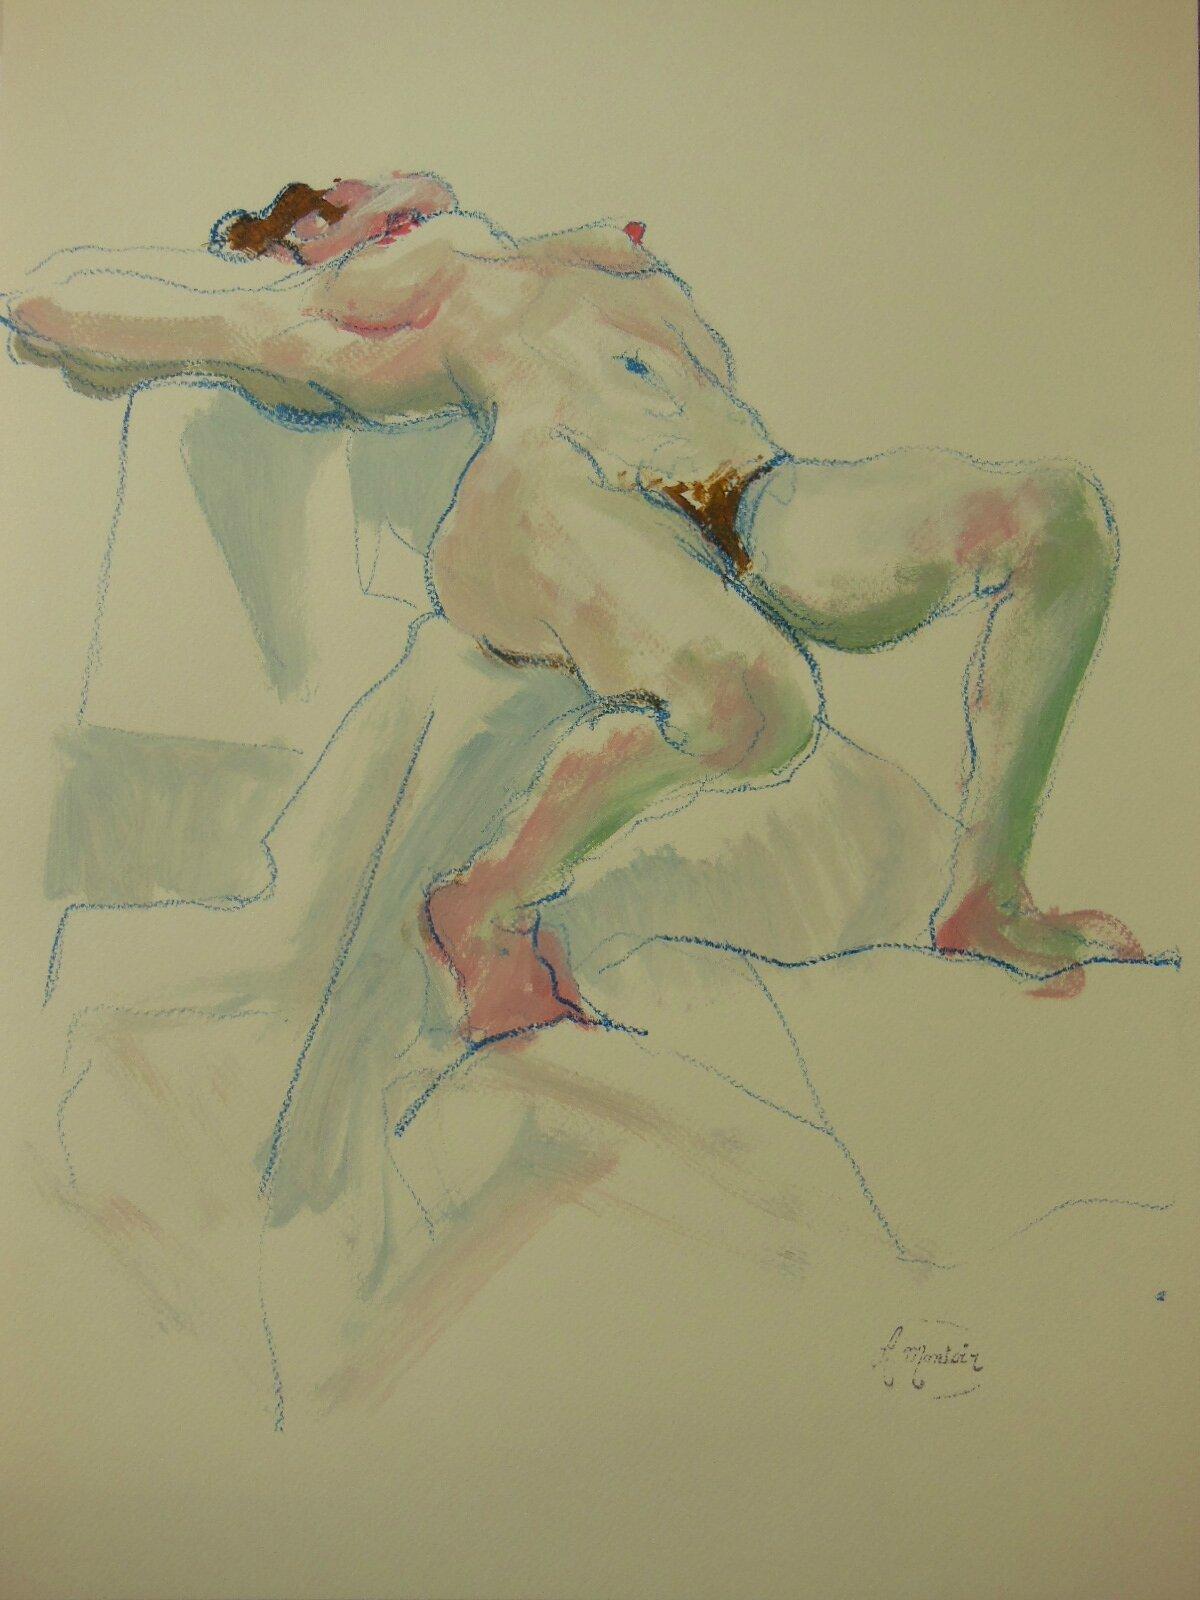 Peinture de nus feminin crayon gras et acrylique sur papier (15)